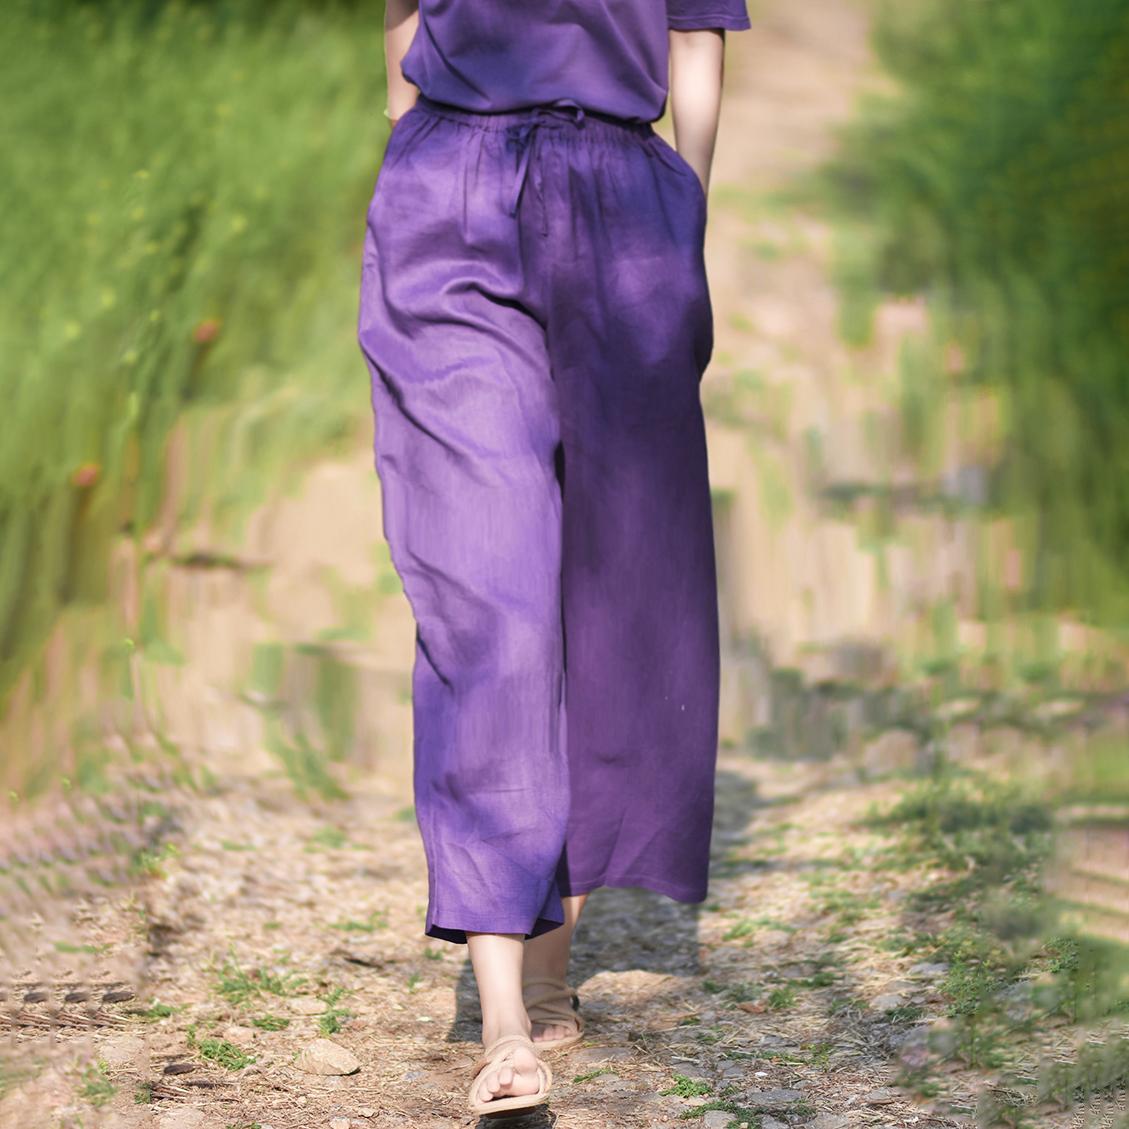 紫色休闲裤 2021新款紫色裤子女宽松阔腿裤春秋文艺显瘦亚麻百搭休闲裤直筒夏_推荐淘宝好看的紫色休闲裤